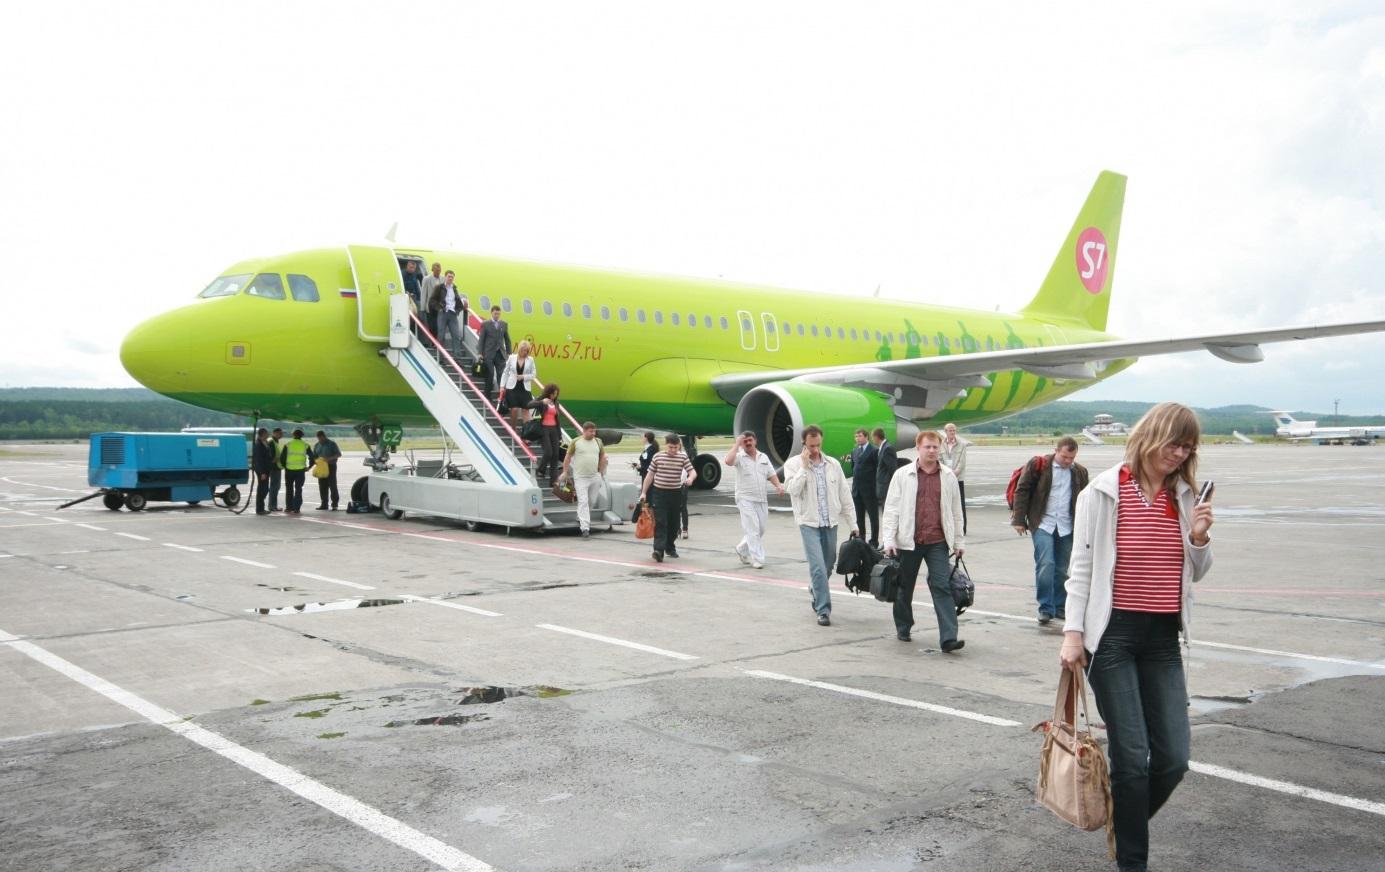 Рейс авиакомпании S7 экстренно сел в Нерюнгри из-за плохого самочувствия пассажира